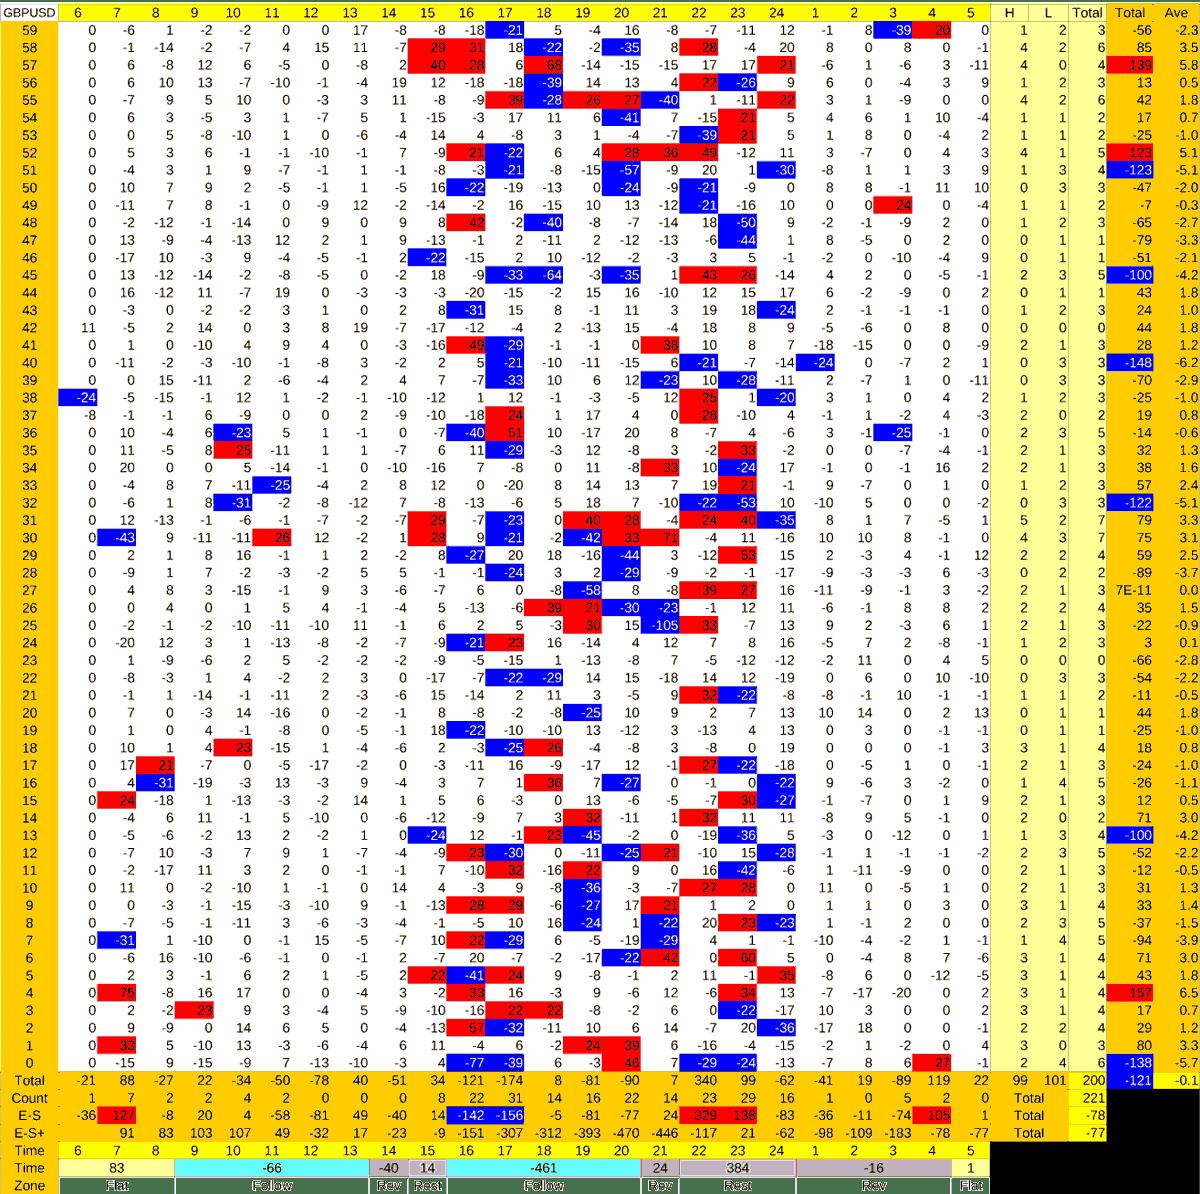 20210712_HS(2)GBPUSD